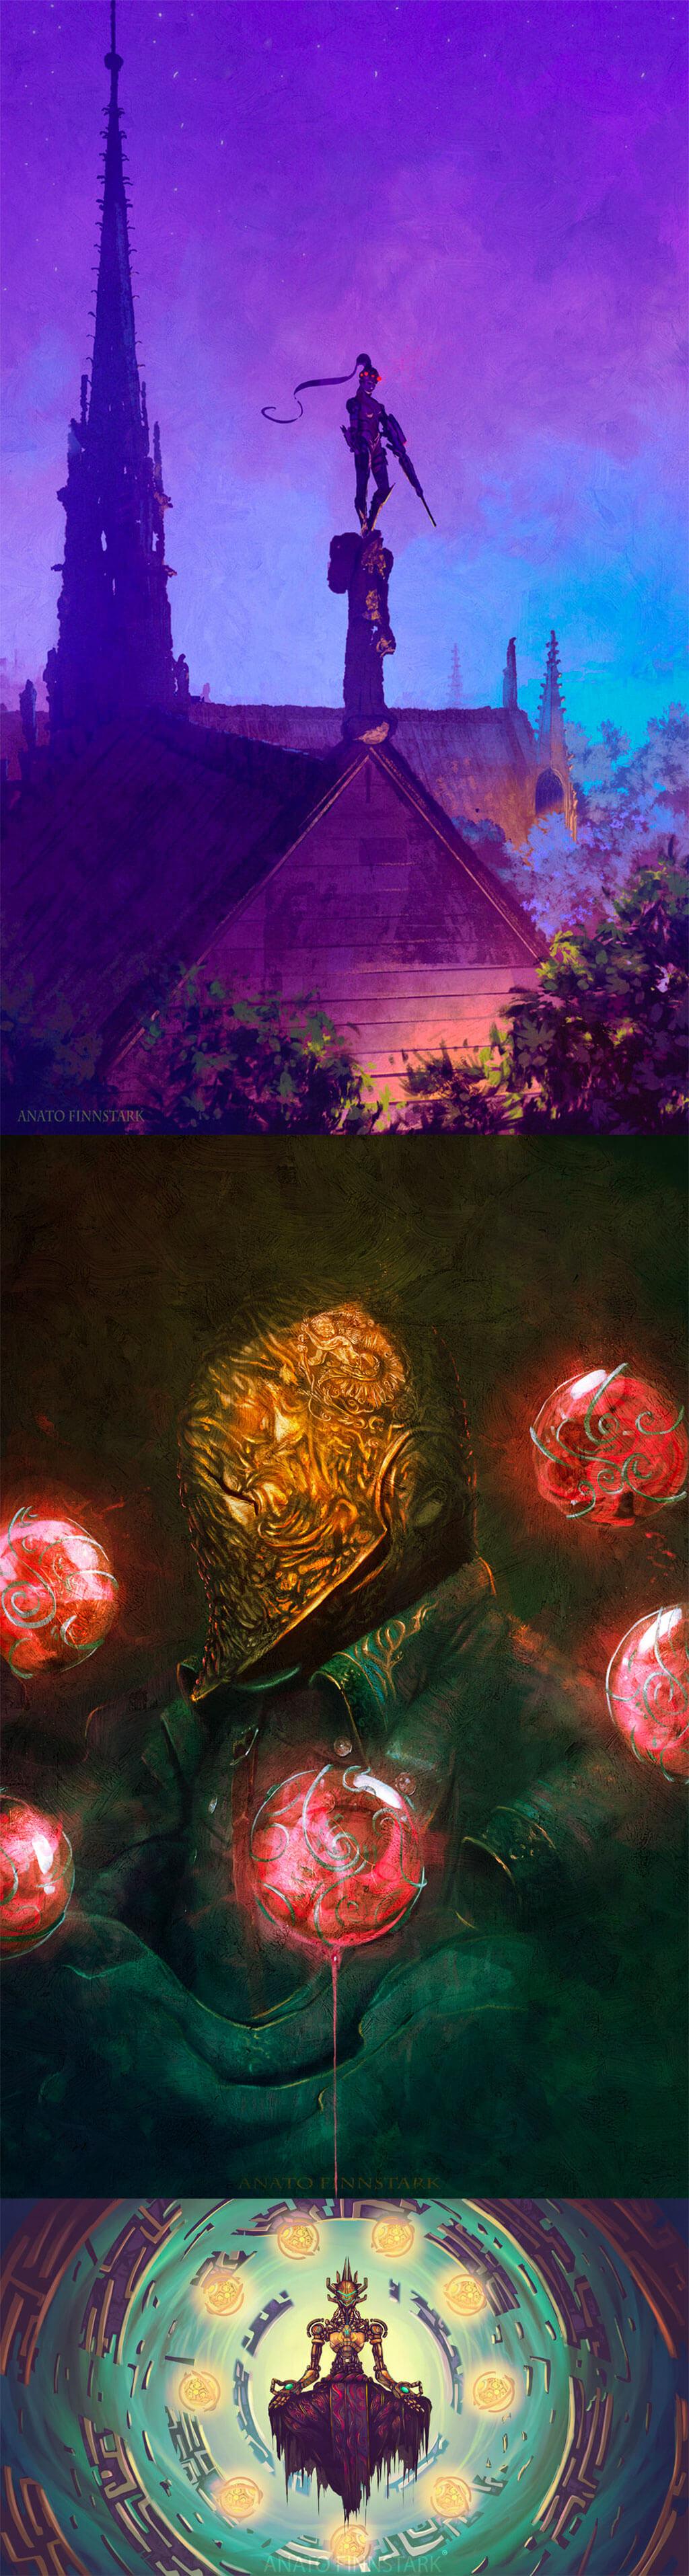 Overwatch Fan Art by Anato Finnstark